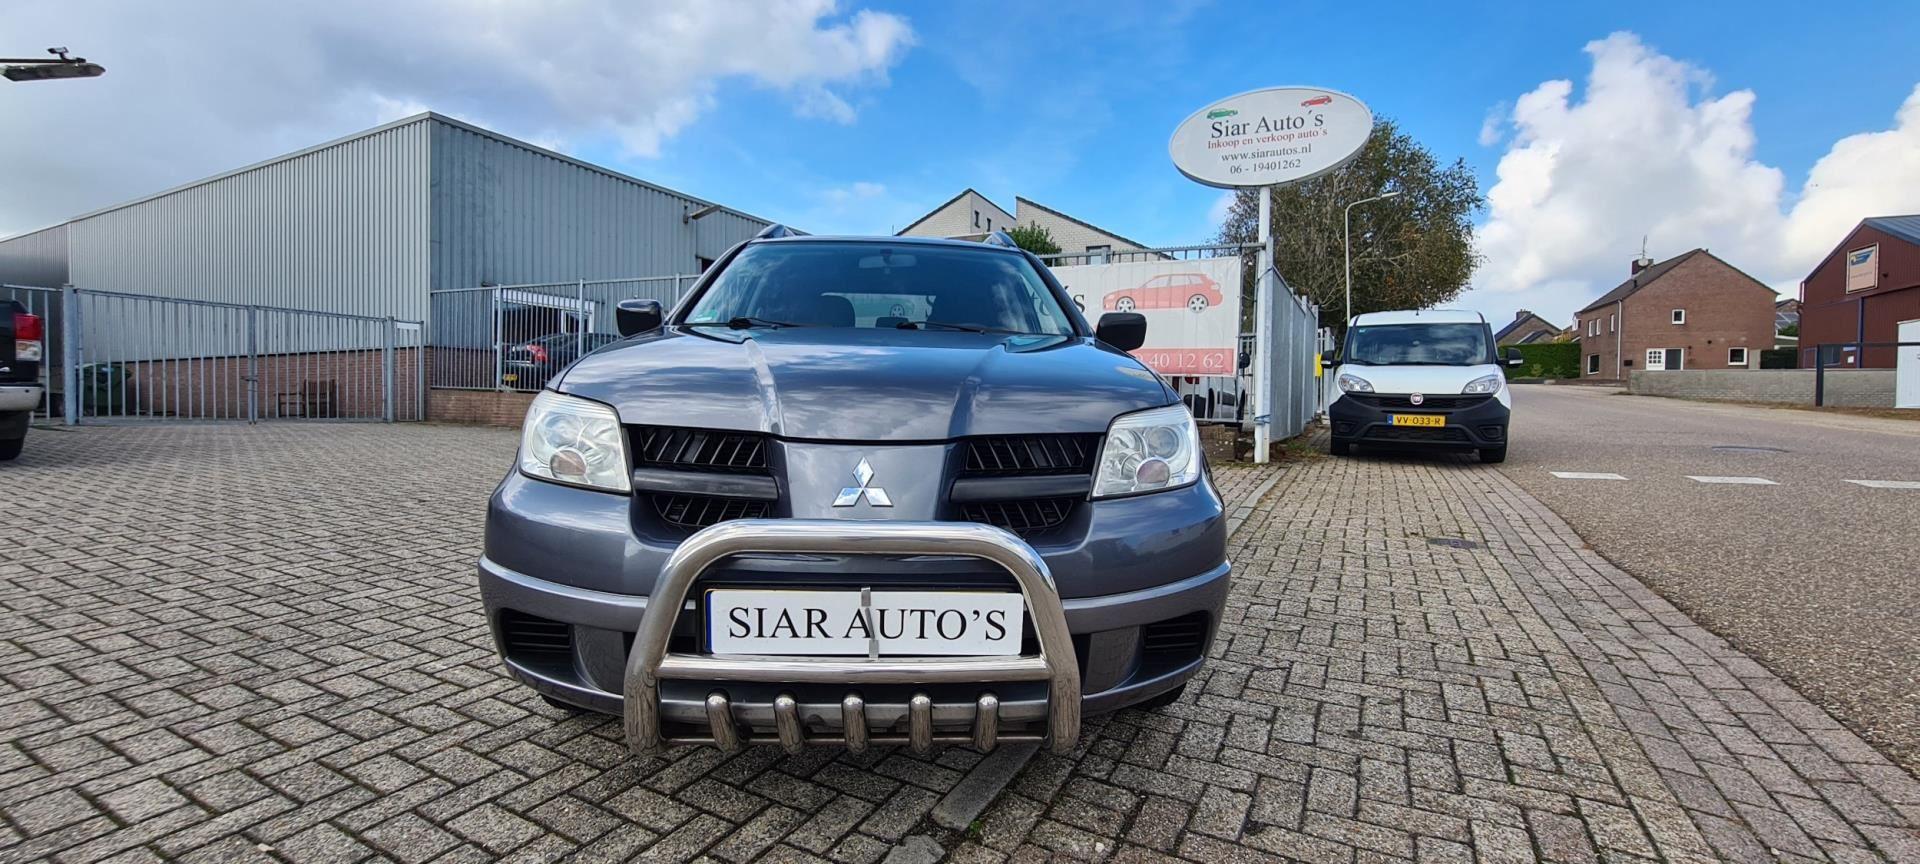 Mitsubishi Outlander Sport occasion - Siar Auto's